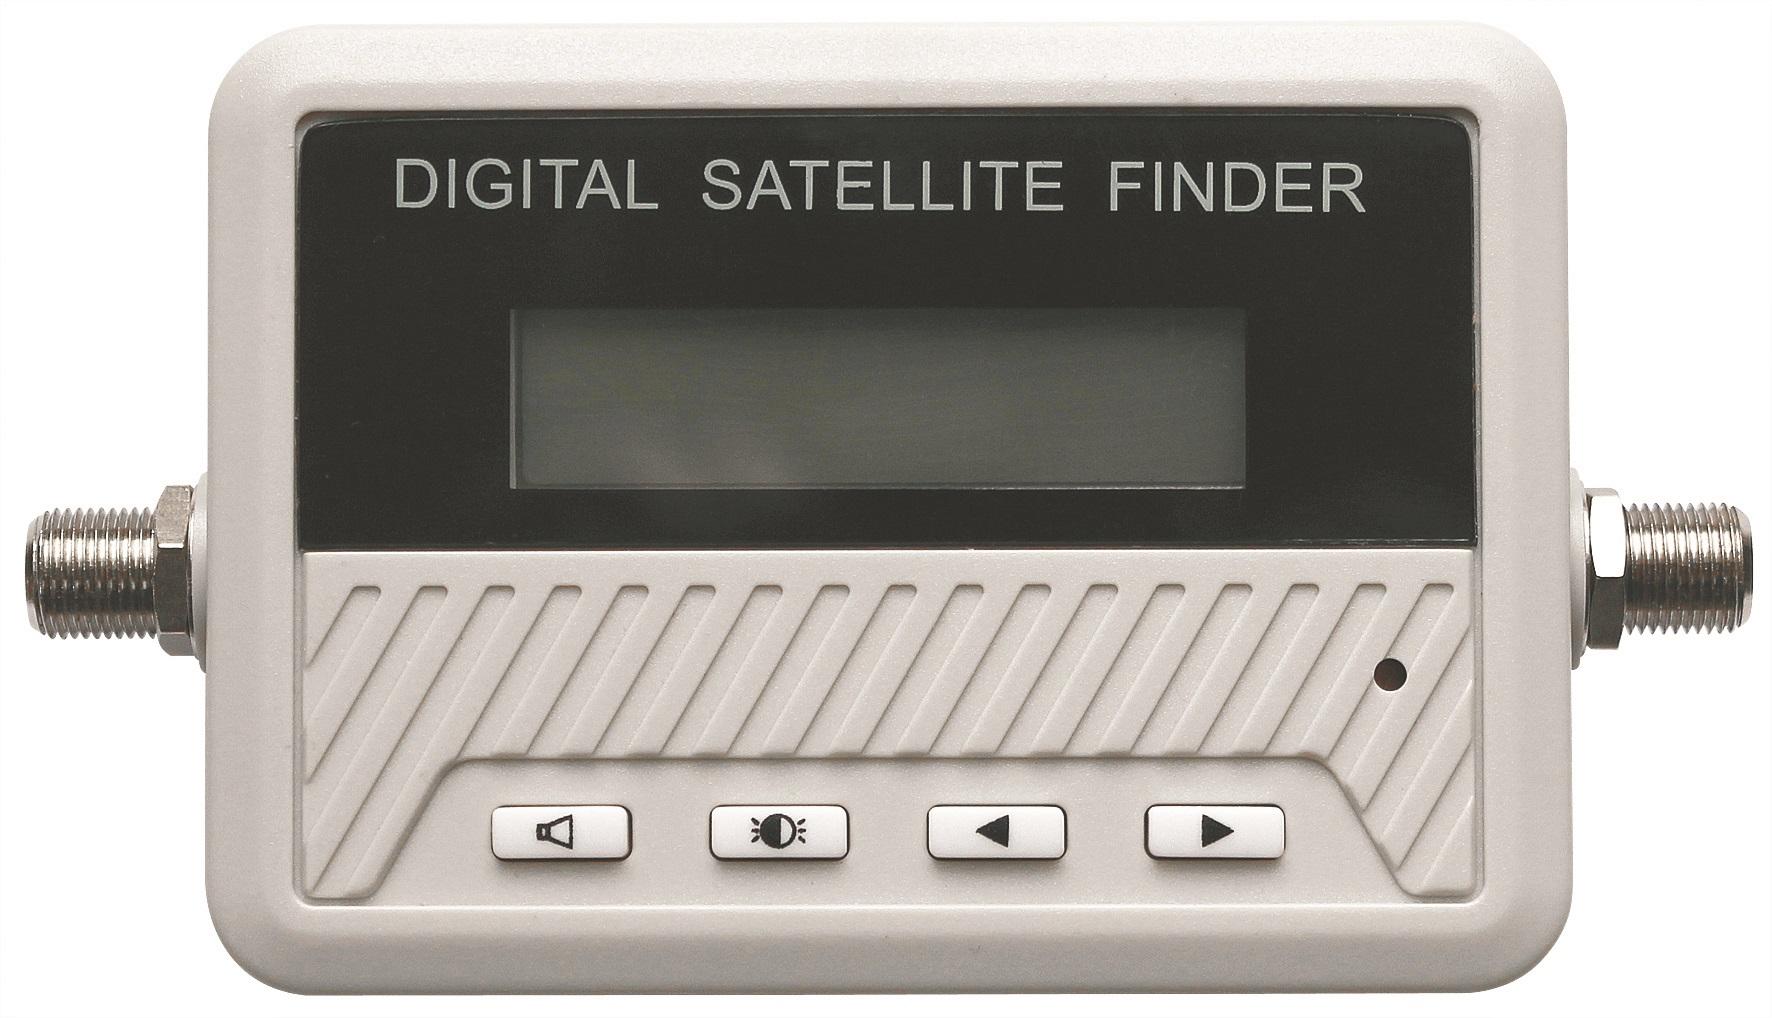 1 Stk SAT Signaltester zum Auffinden von Satelliten, SZU 17-02 HSZUTE01--